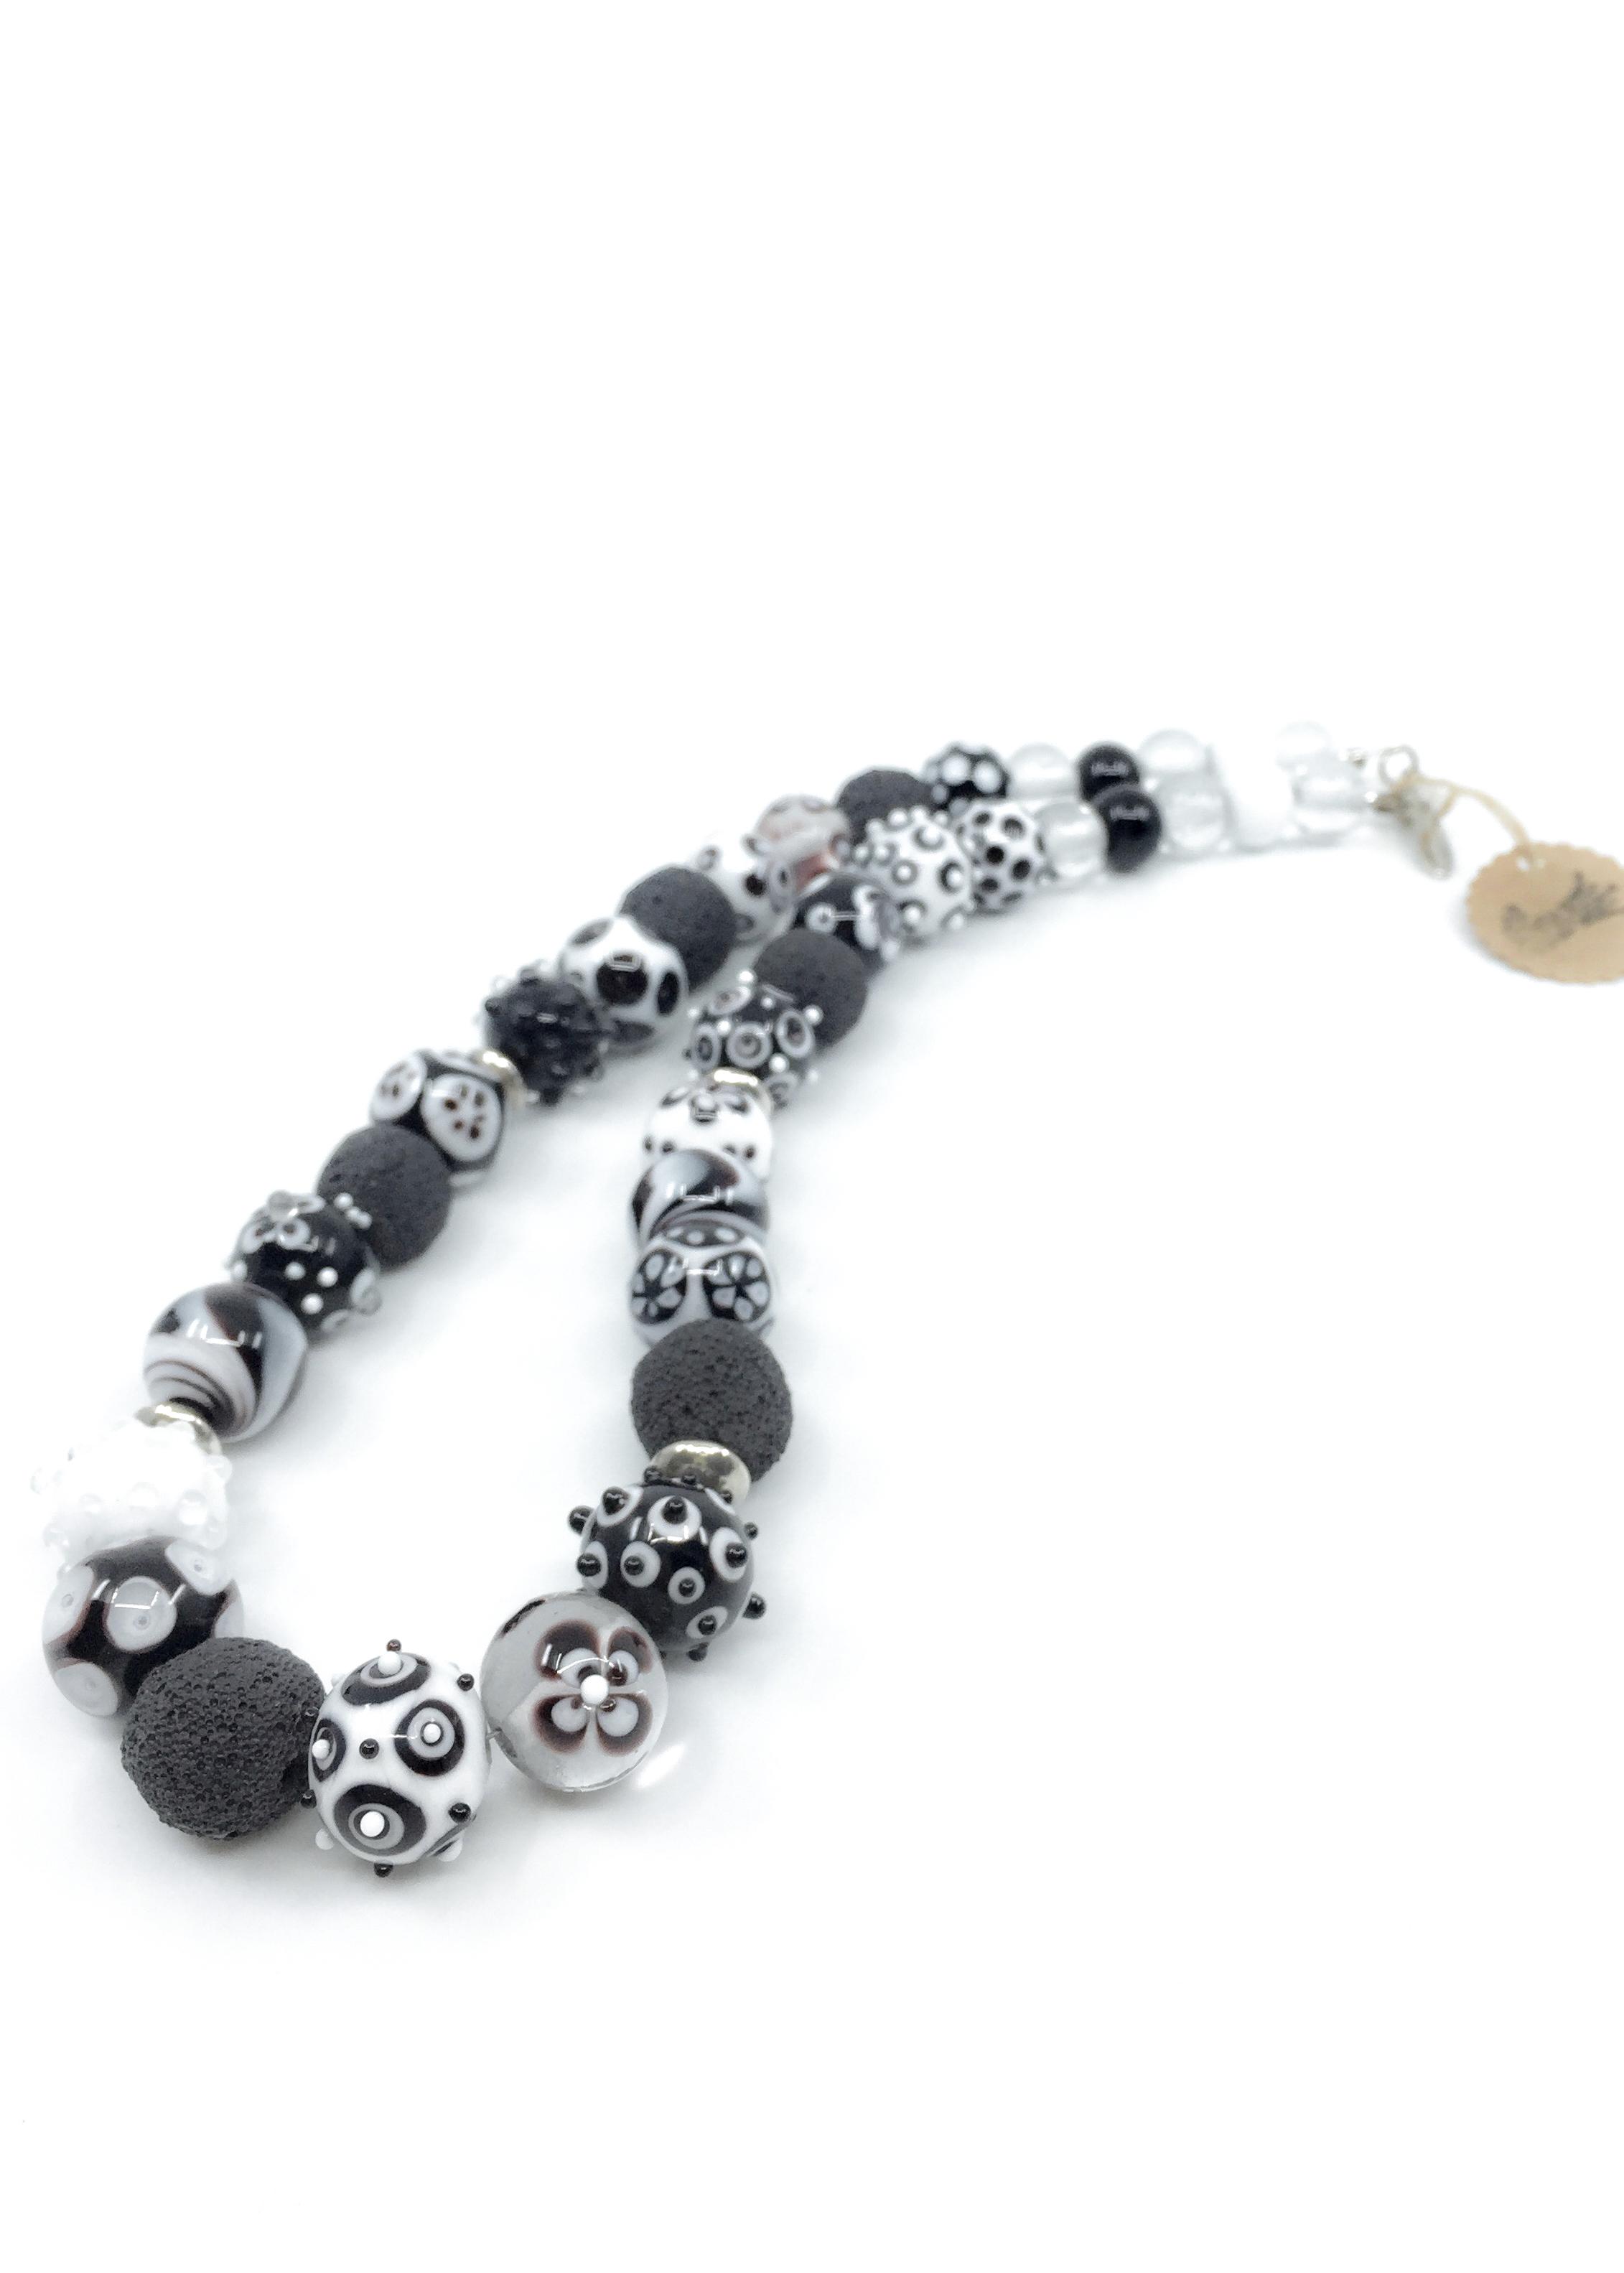 Kunsthandwerk Halskette schwarz-weiss